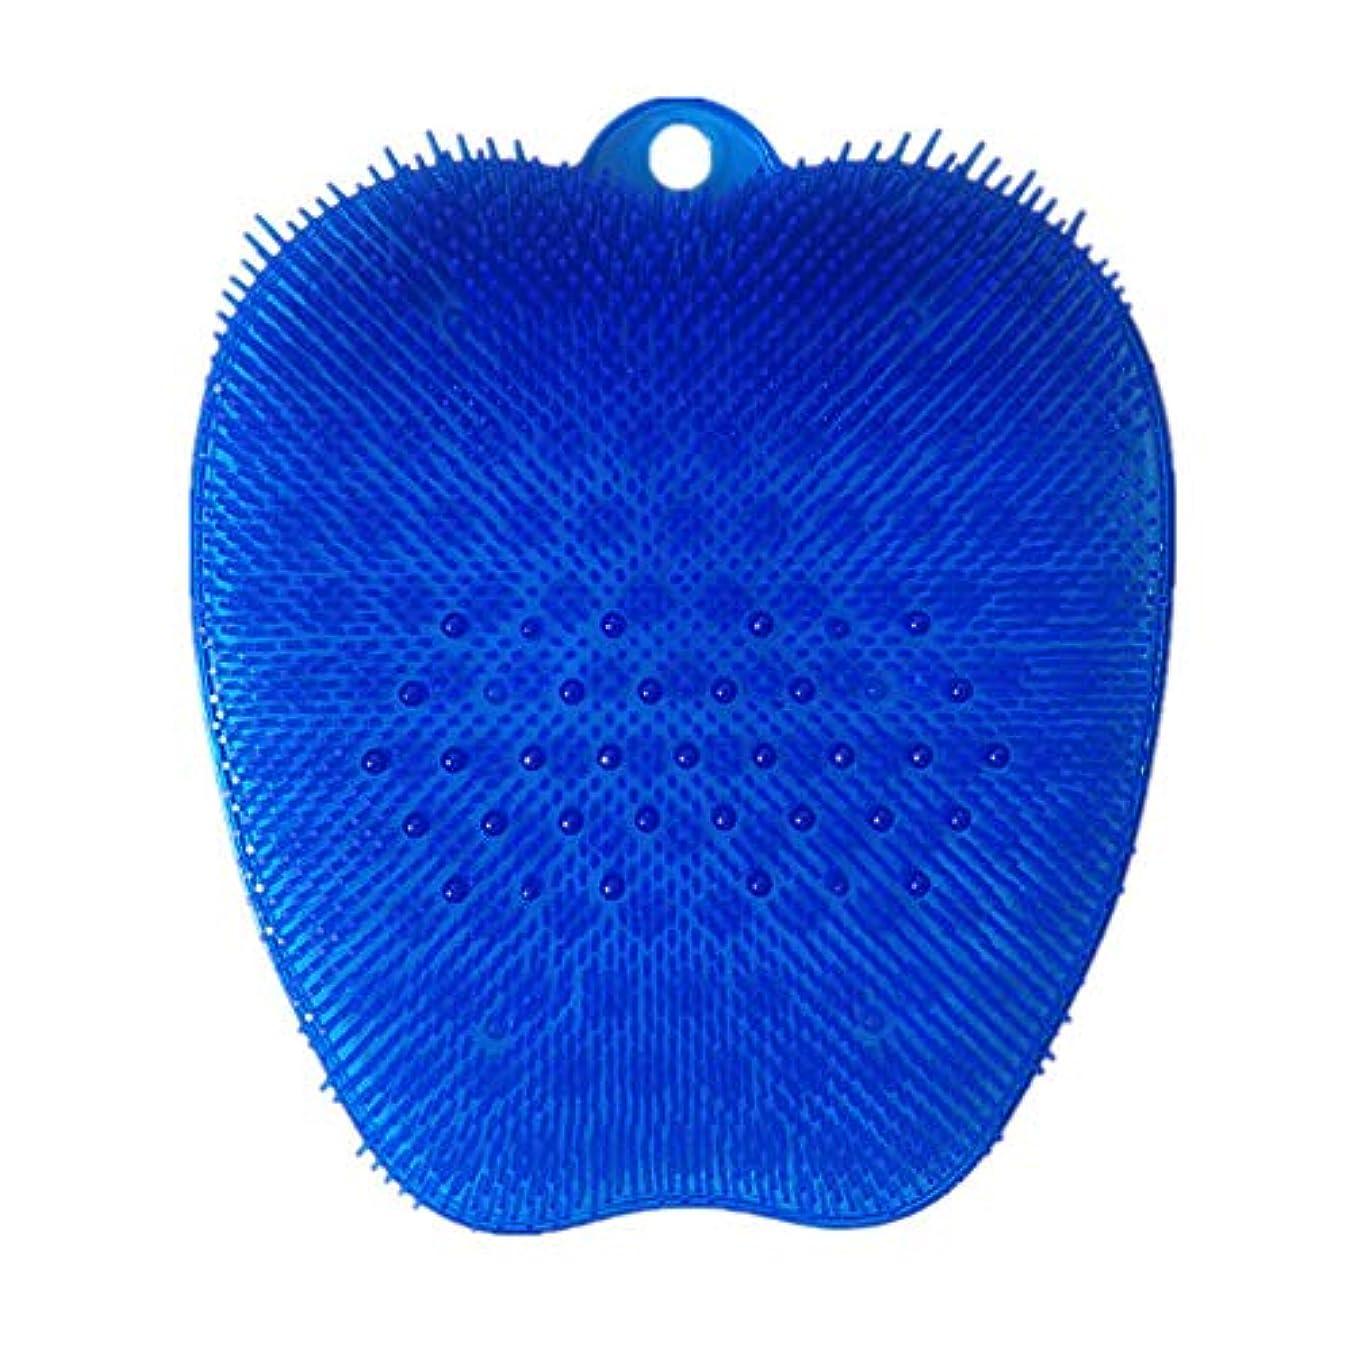 最も早いブロック合理的足洗いブラシ 滑らない吸盤付き ブルー フットケア フットブラシ 角質ケアブラシ お風呂で使える